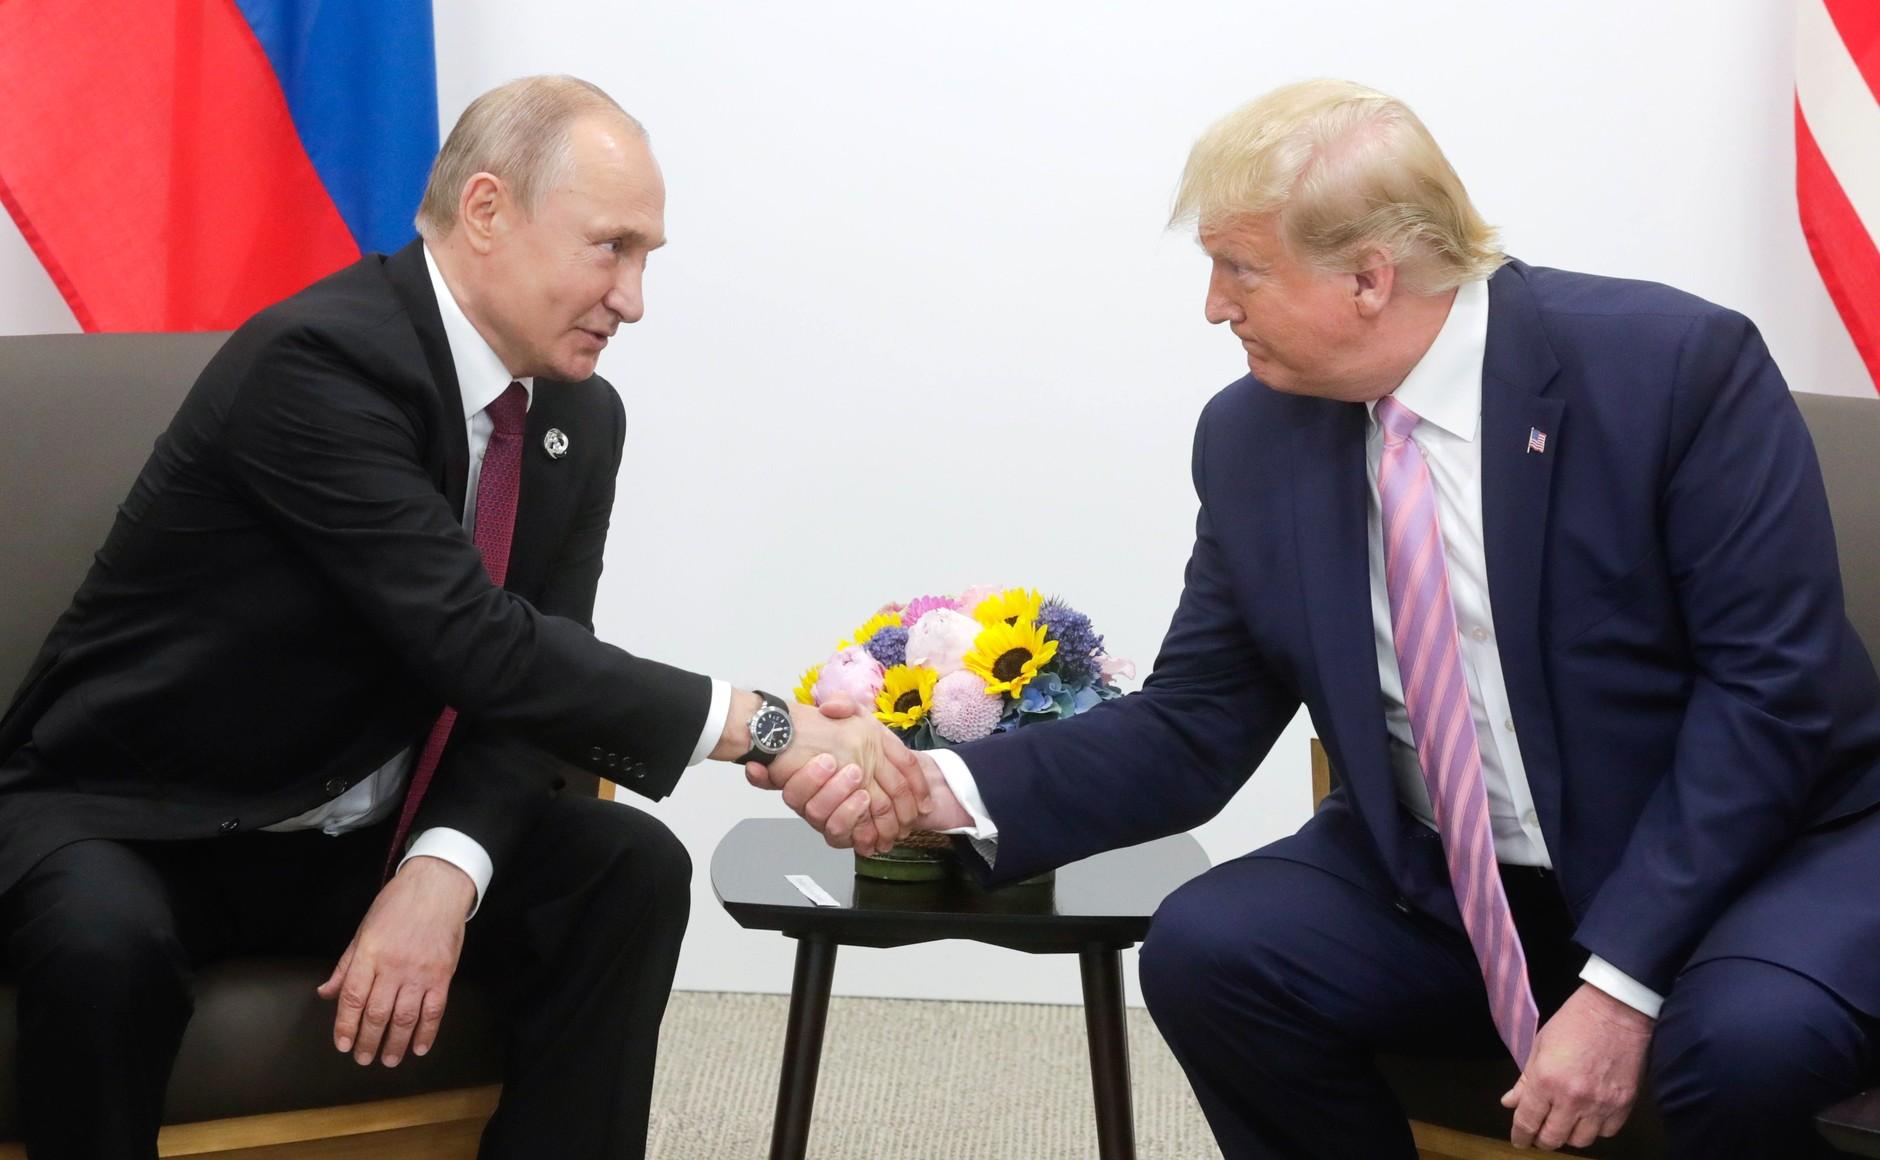 Экс-адвокат Трампа рассказал, чем того восхищает Путин